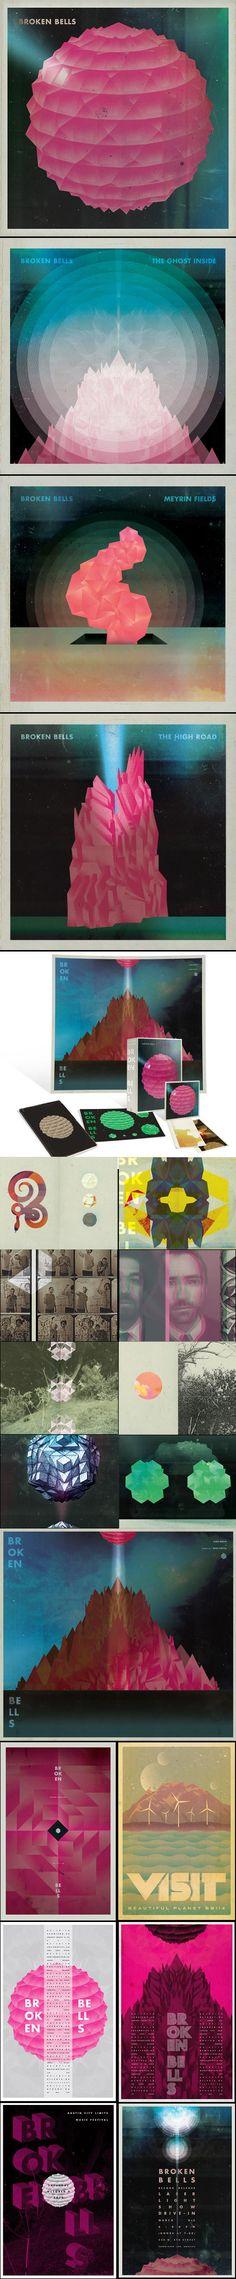 Broken Bells - 2010 - Complete Covers Collection - Jacob Escobedo -----